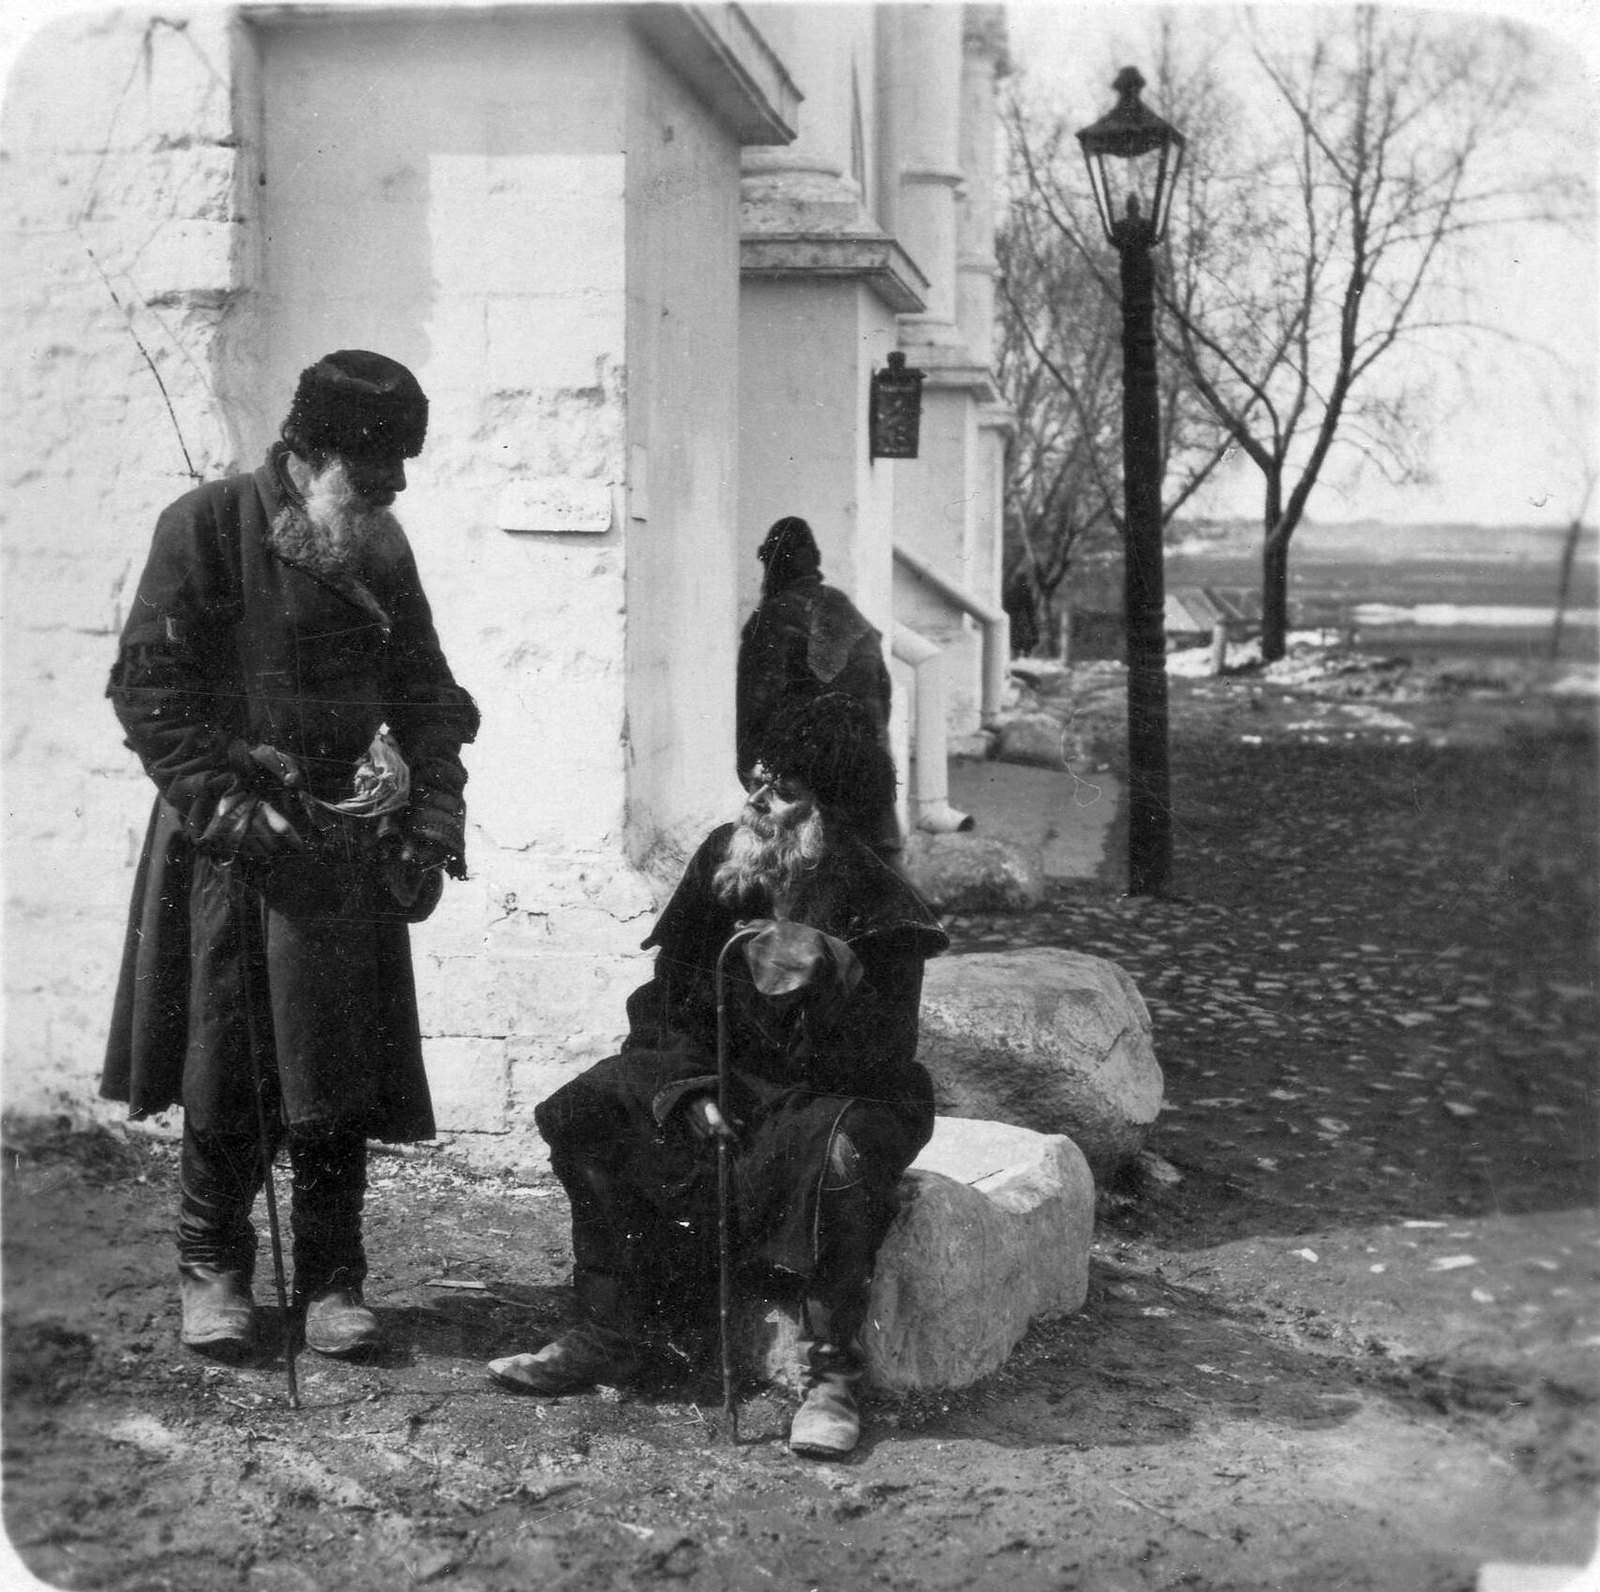 Богомольцы у Новодевичьего монастыря. 1890-е